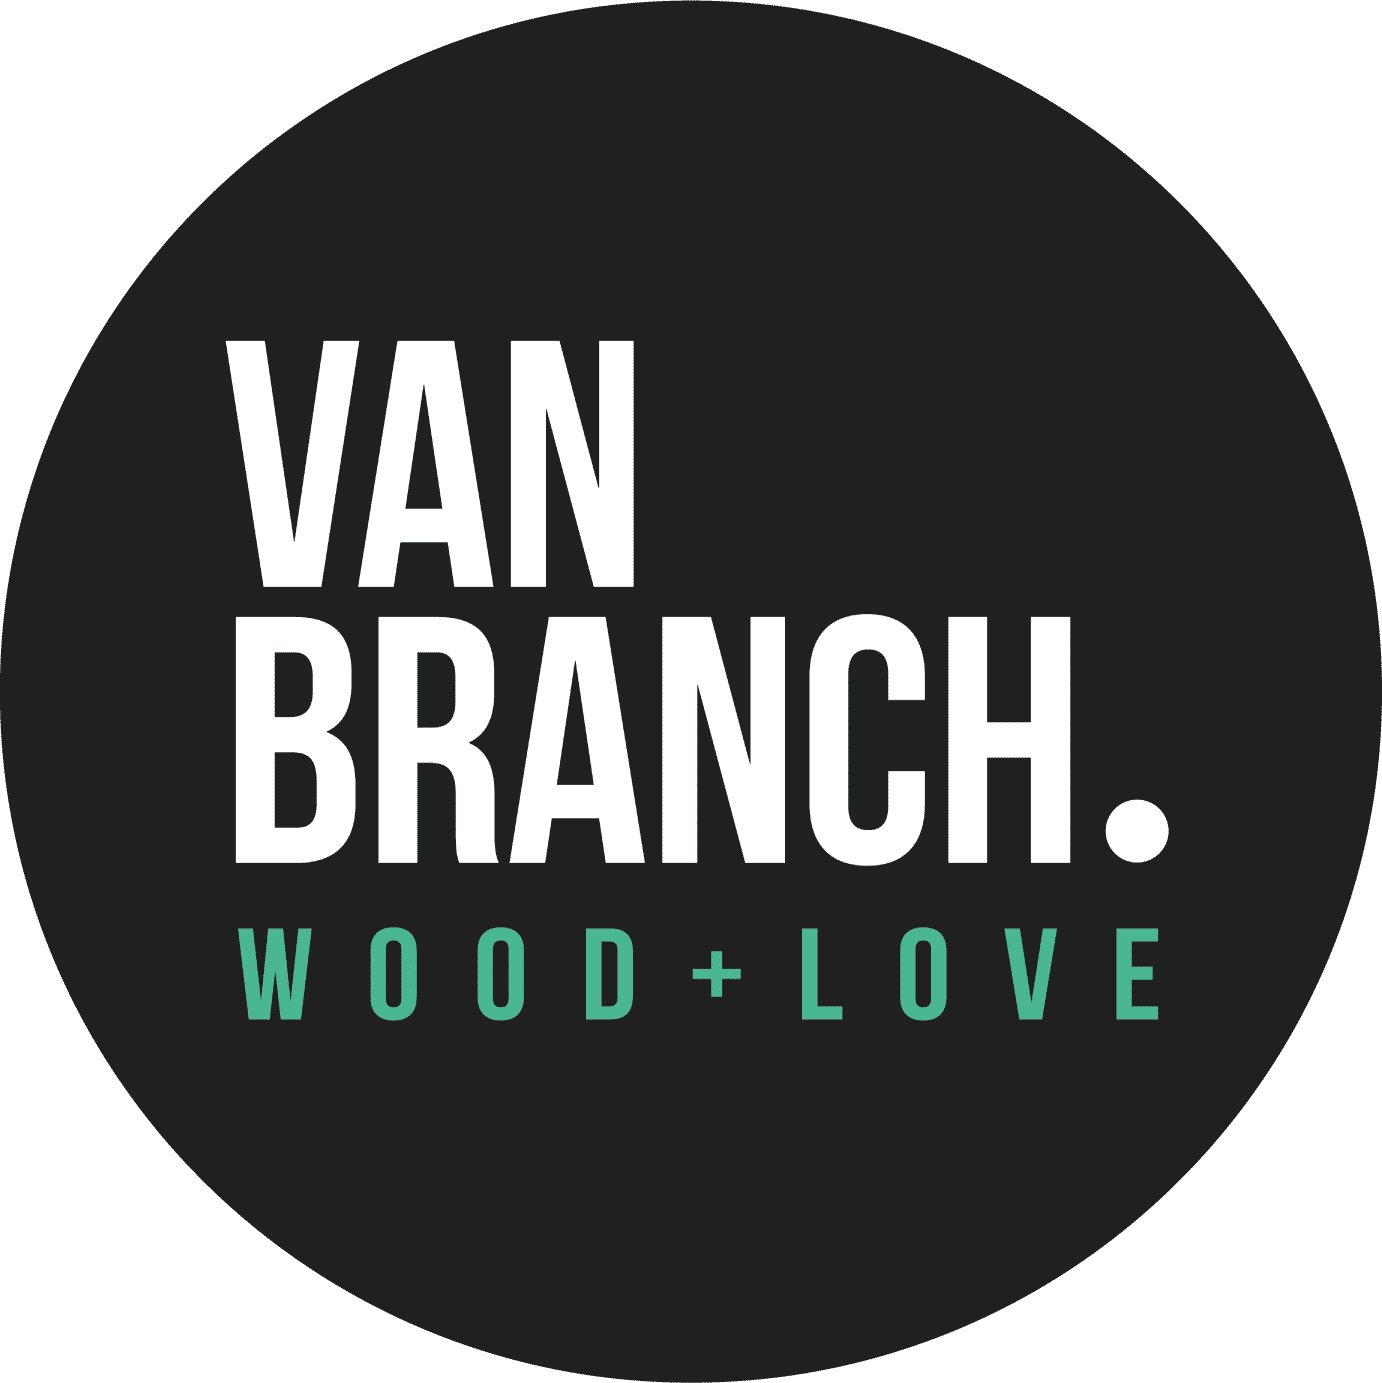 van branch